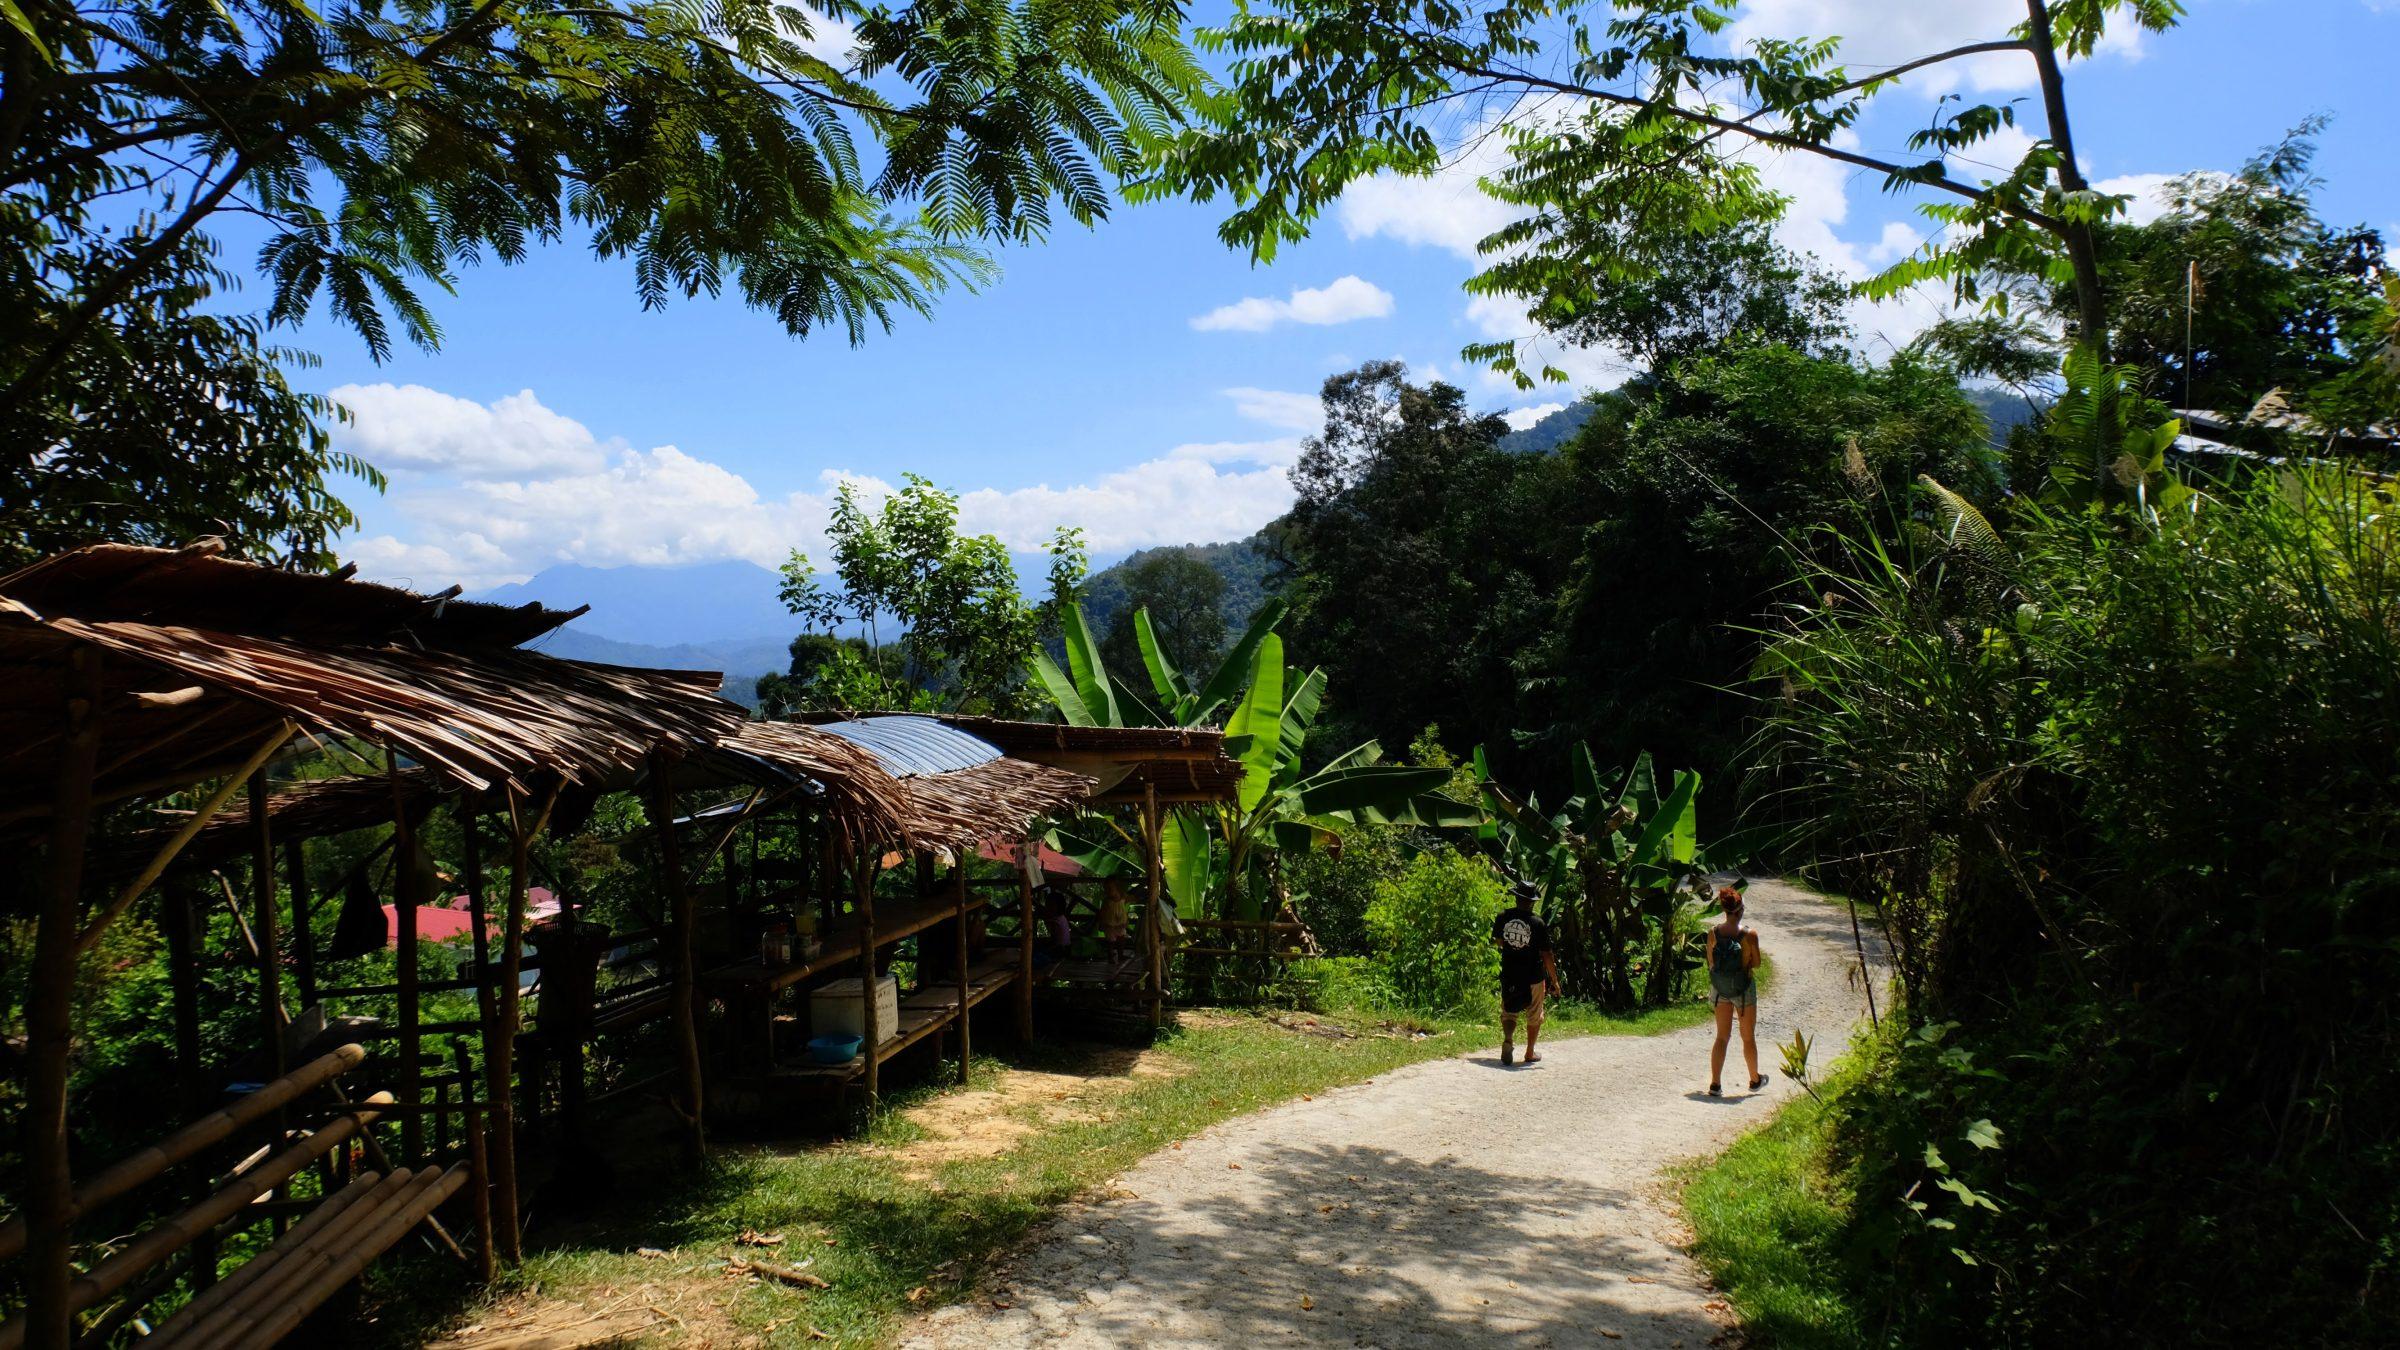 Tours en activiteiten zijn redelijk betaalbaar in Maleisië